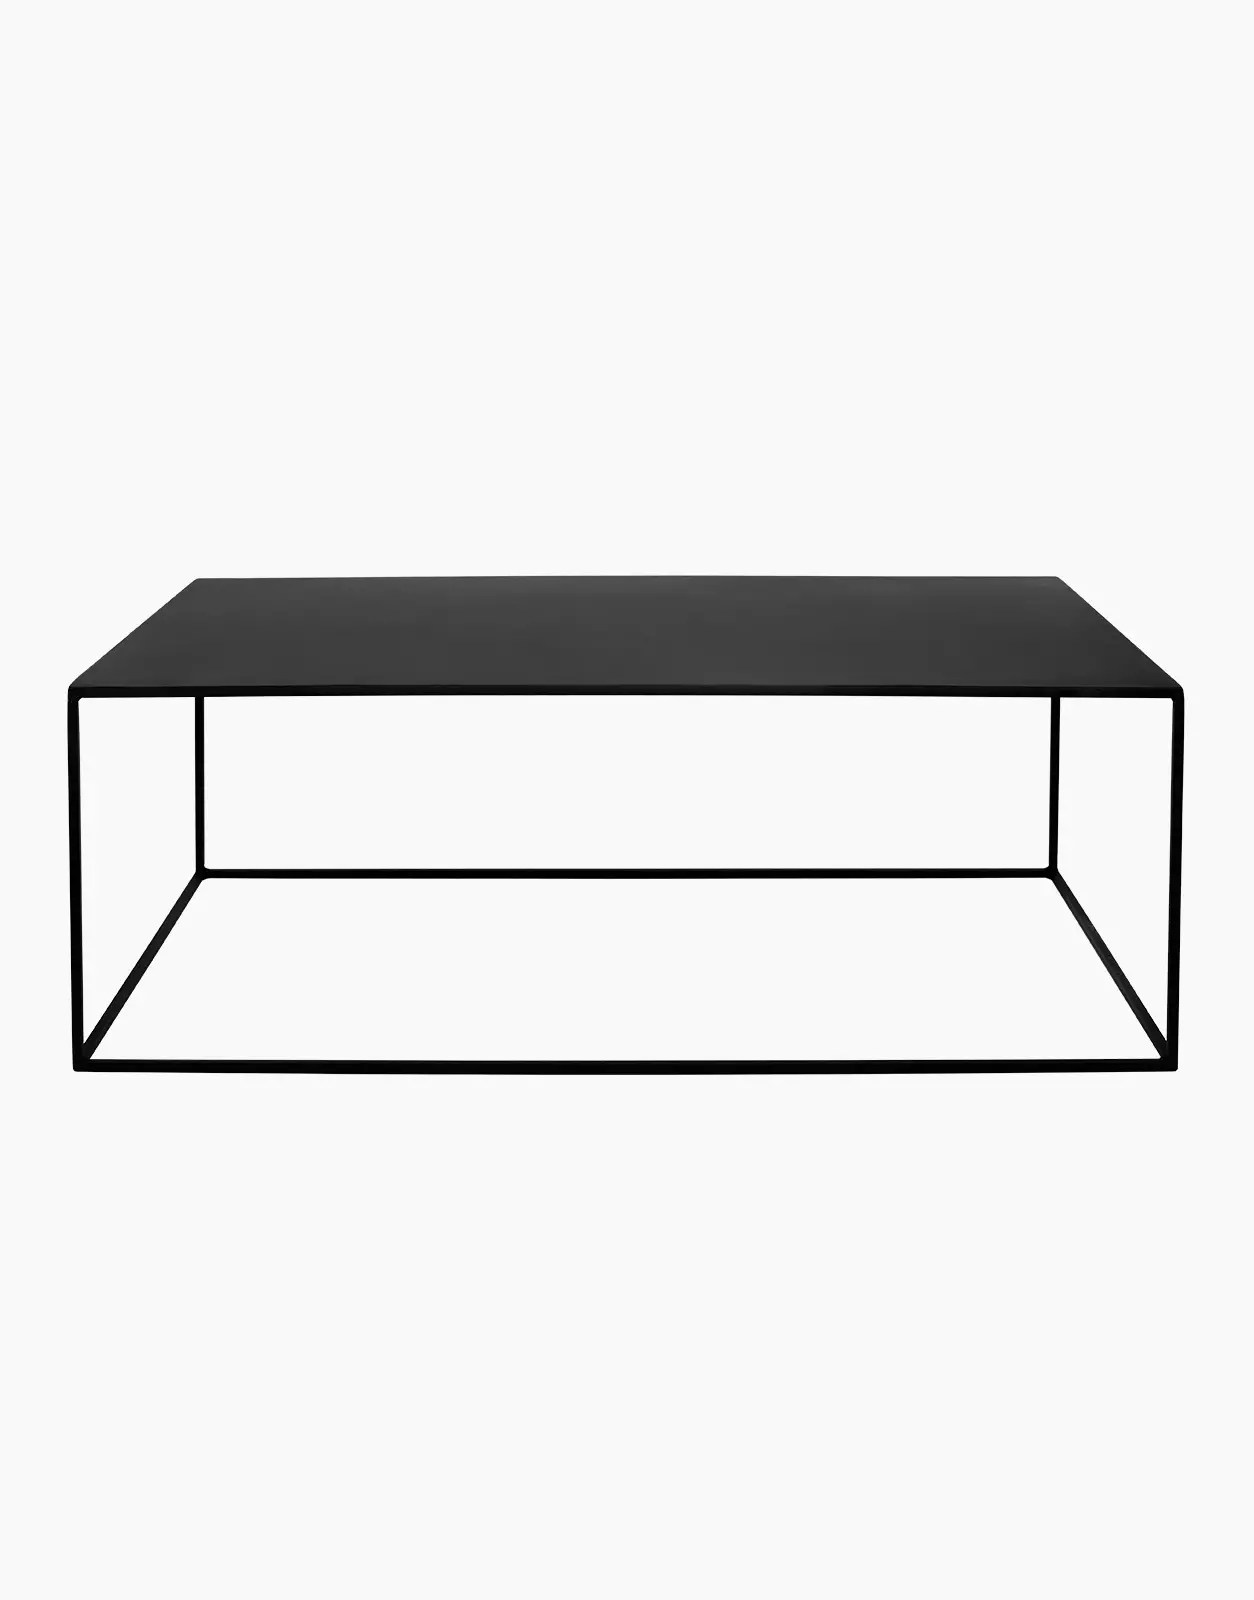 Table basse Expo en métal noir - Mobilier design, luminaire design et  décoration pour vos intérieurs